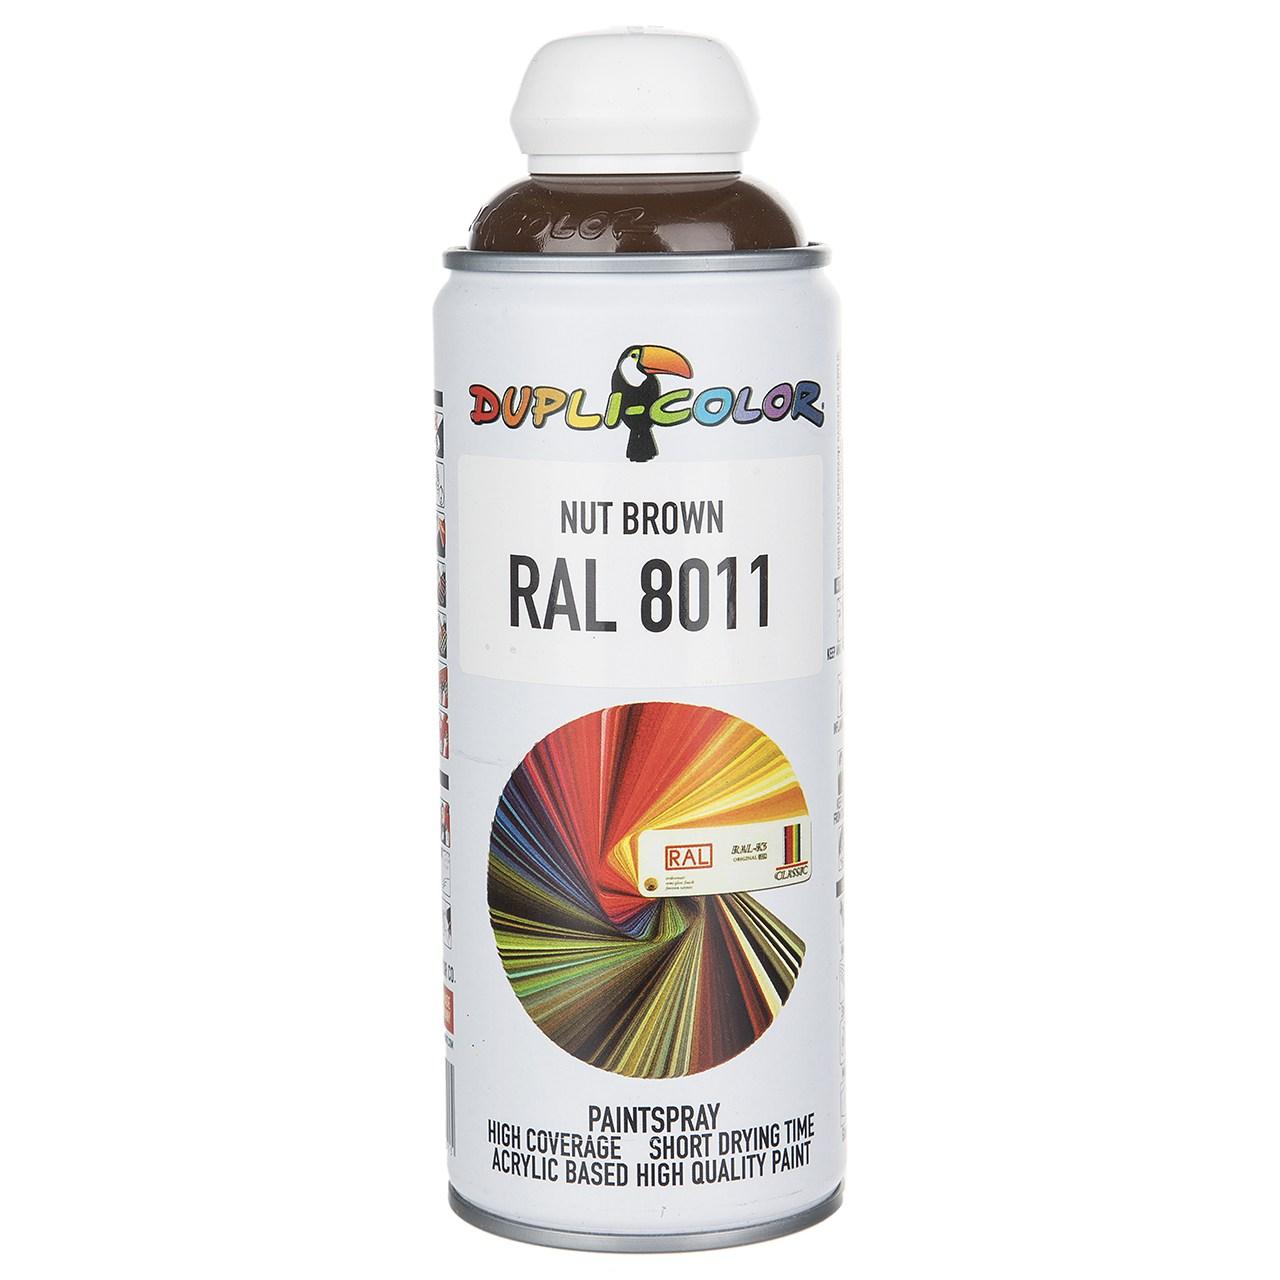 قیمت                                      اسپری رنگ قهوه ای دوپلی کالر مدل RAL 8011 حجم 400 میلی لیتر